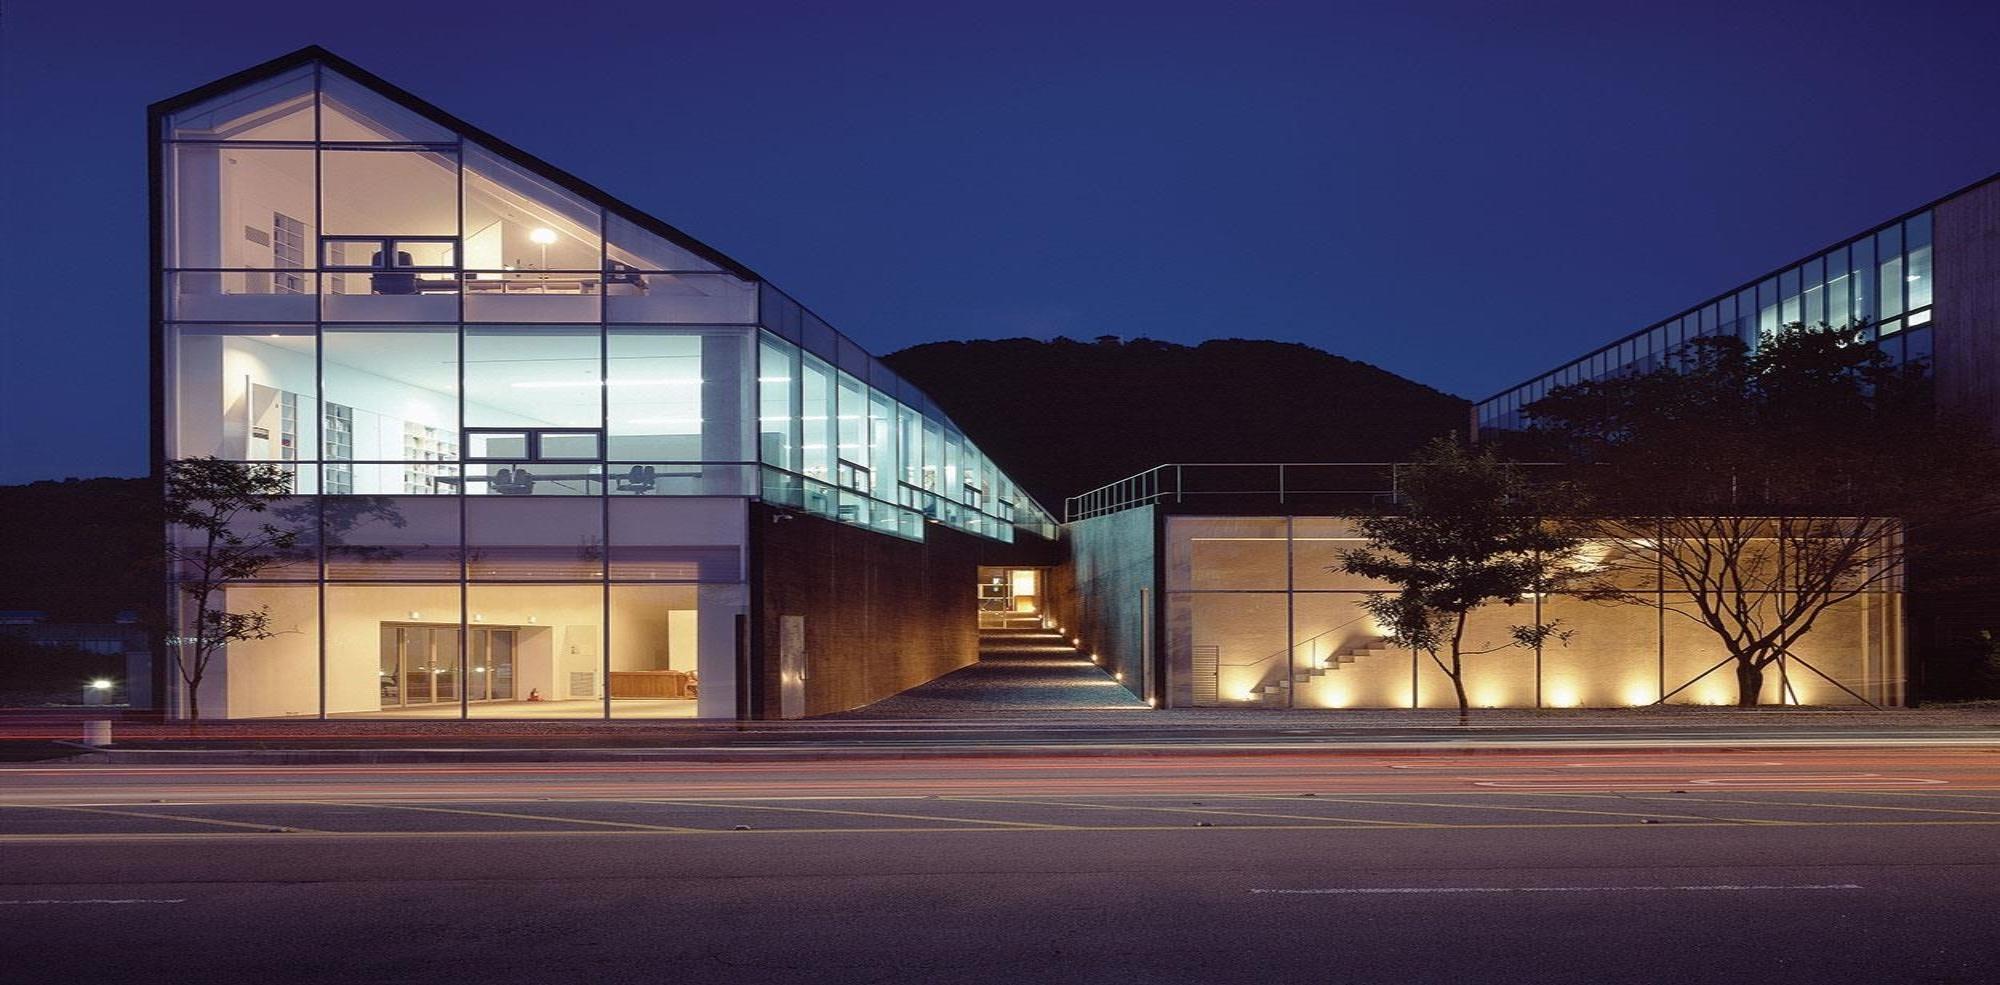 Estudio de Arquitecura: Daniel Valle crea proyectos poderosos en Españ estudio de arquitectura Estudio de Arquitectura: Daniel Valle crea proyectos poderosos en España Featured 5